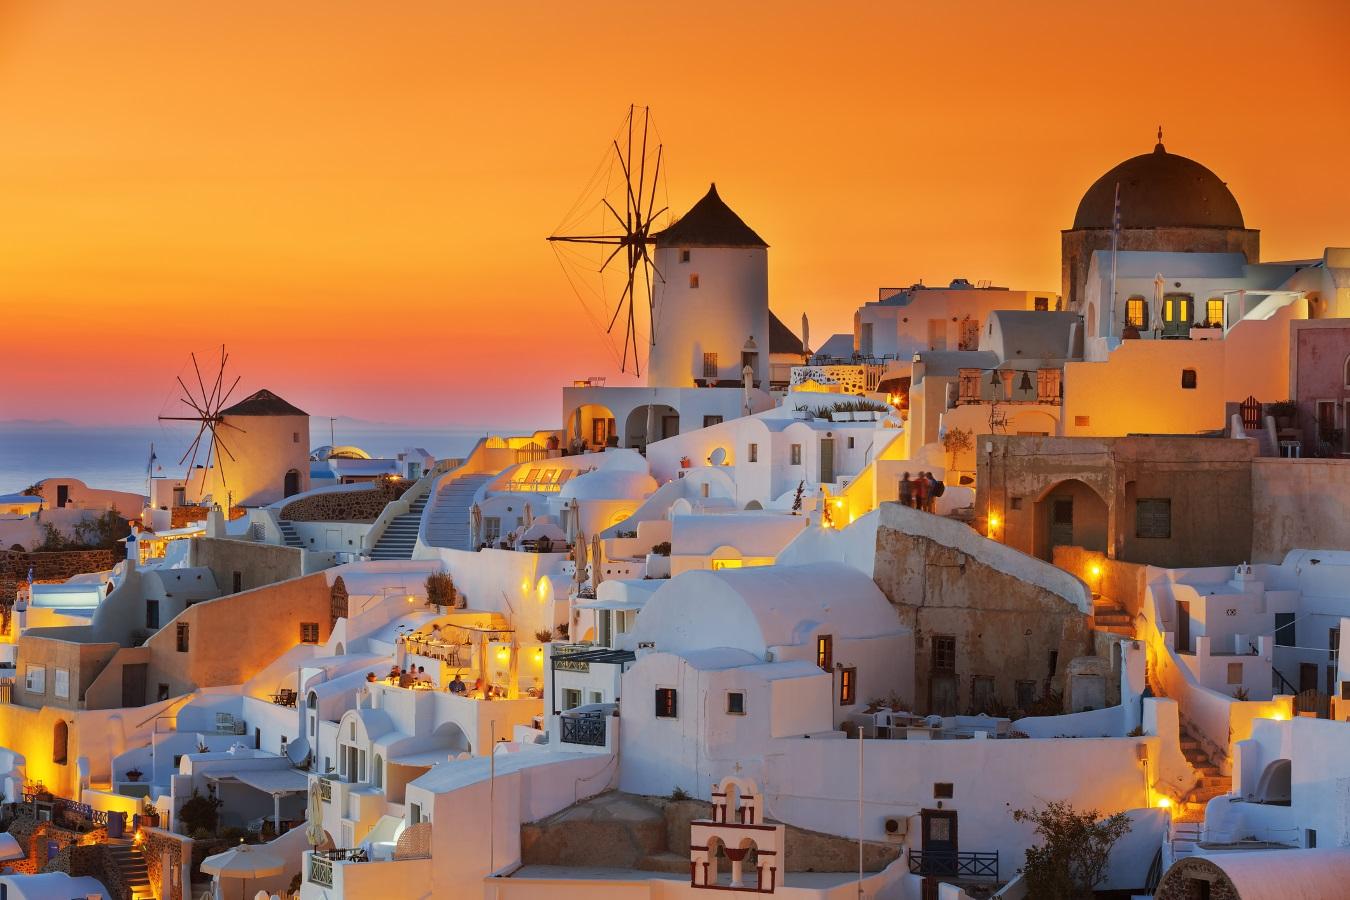 Скорпион<br /> <br /> Вашият партньор проявява сериозна страст към повечето неща и най-вече в отношенията ви. Розите и шампанското обаче са прекалено традиционни, затова заложете над романтичен залез над Егейско море. Заведете любимата в Санторини, Гърция – един от най-романтичните острови в света и по залез слънце я попитайте дали ще се омъжи за вас.